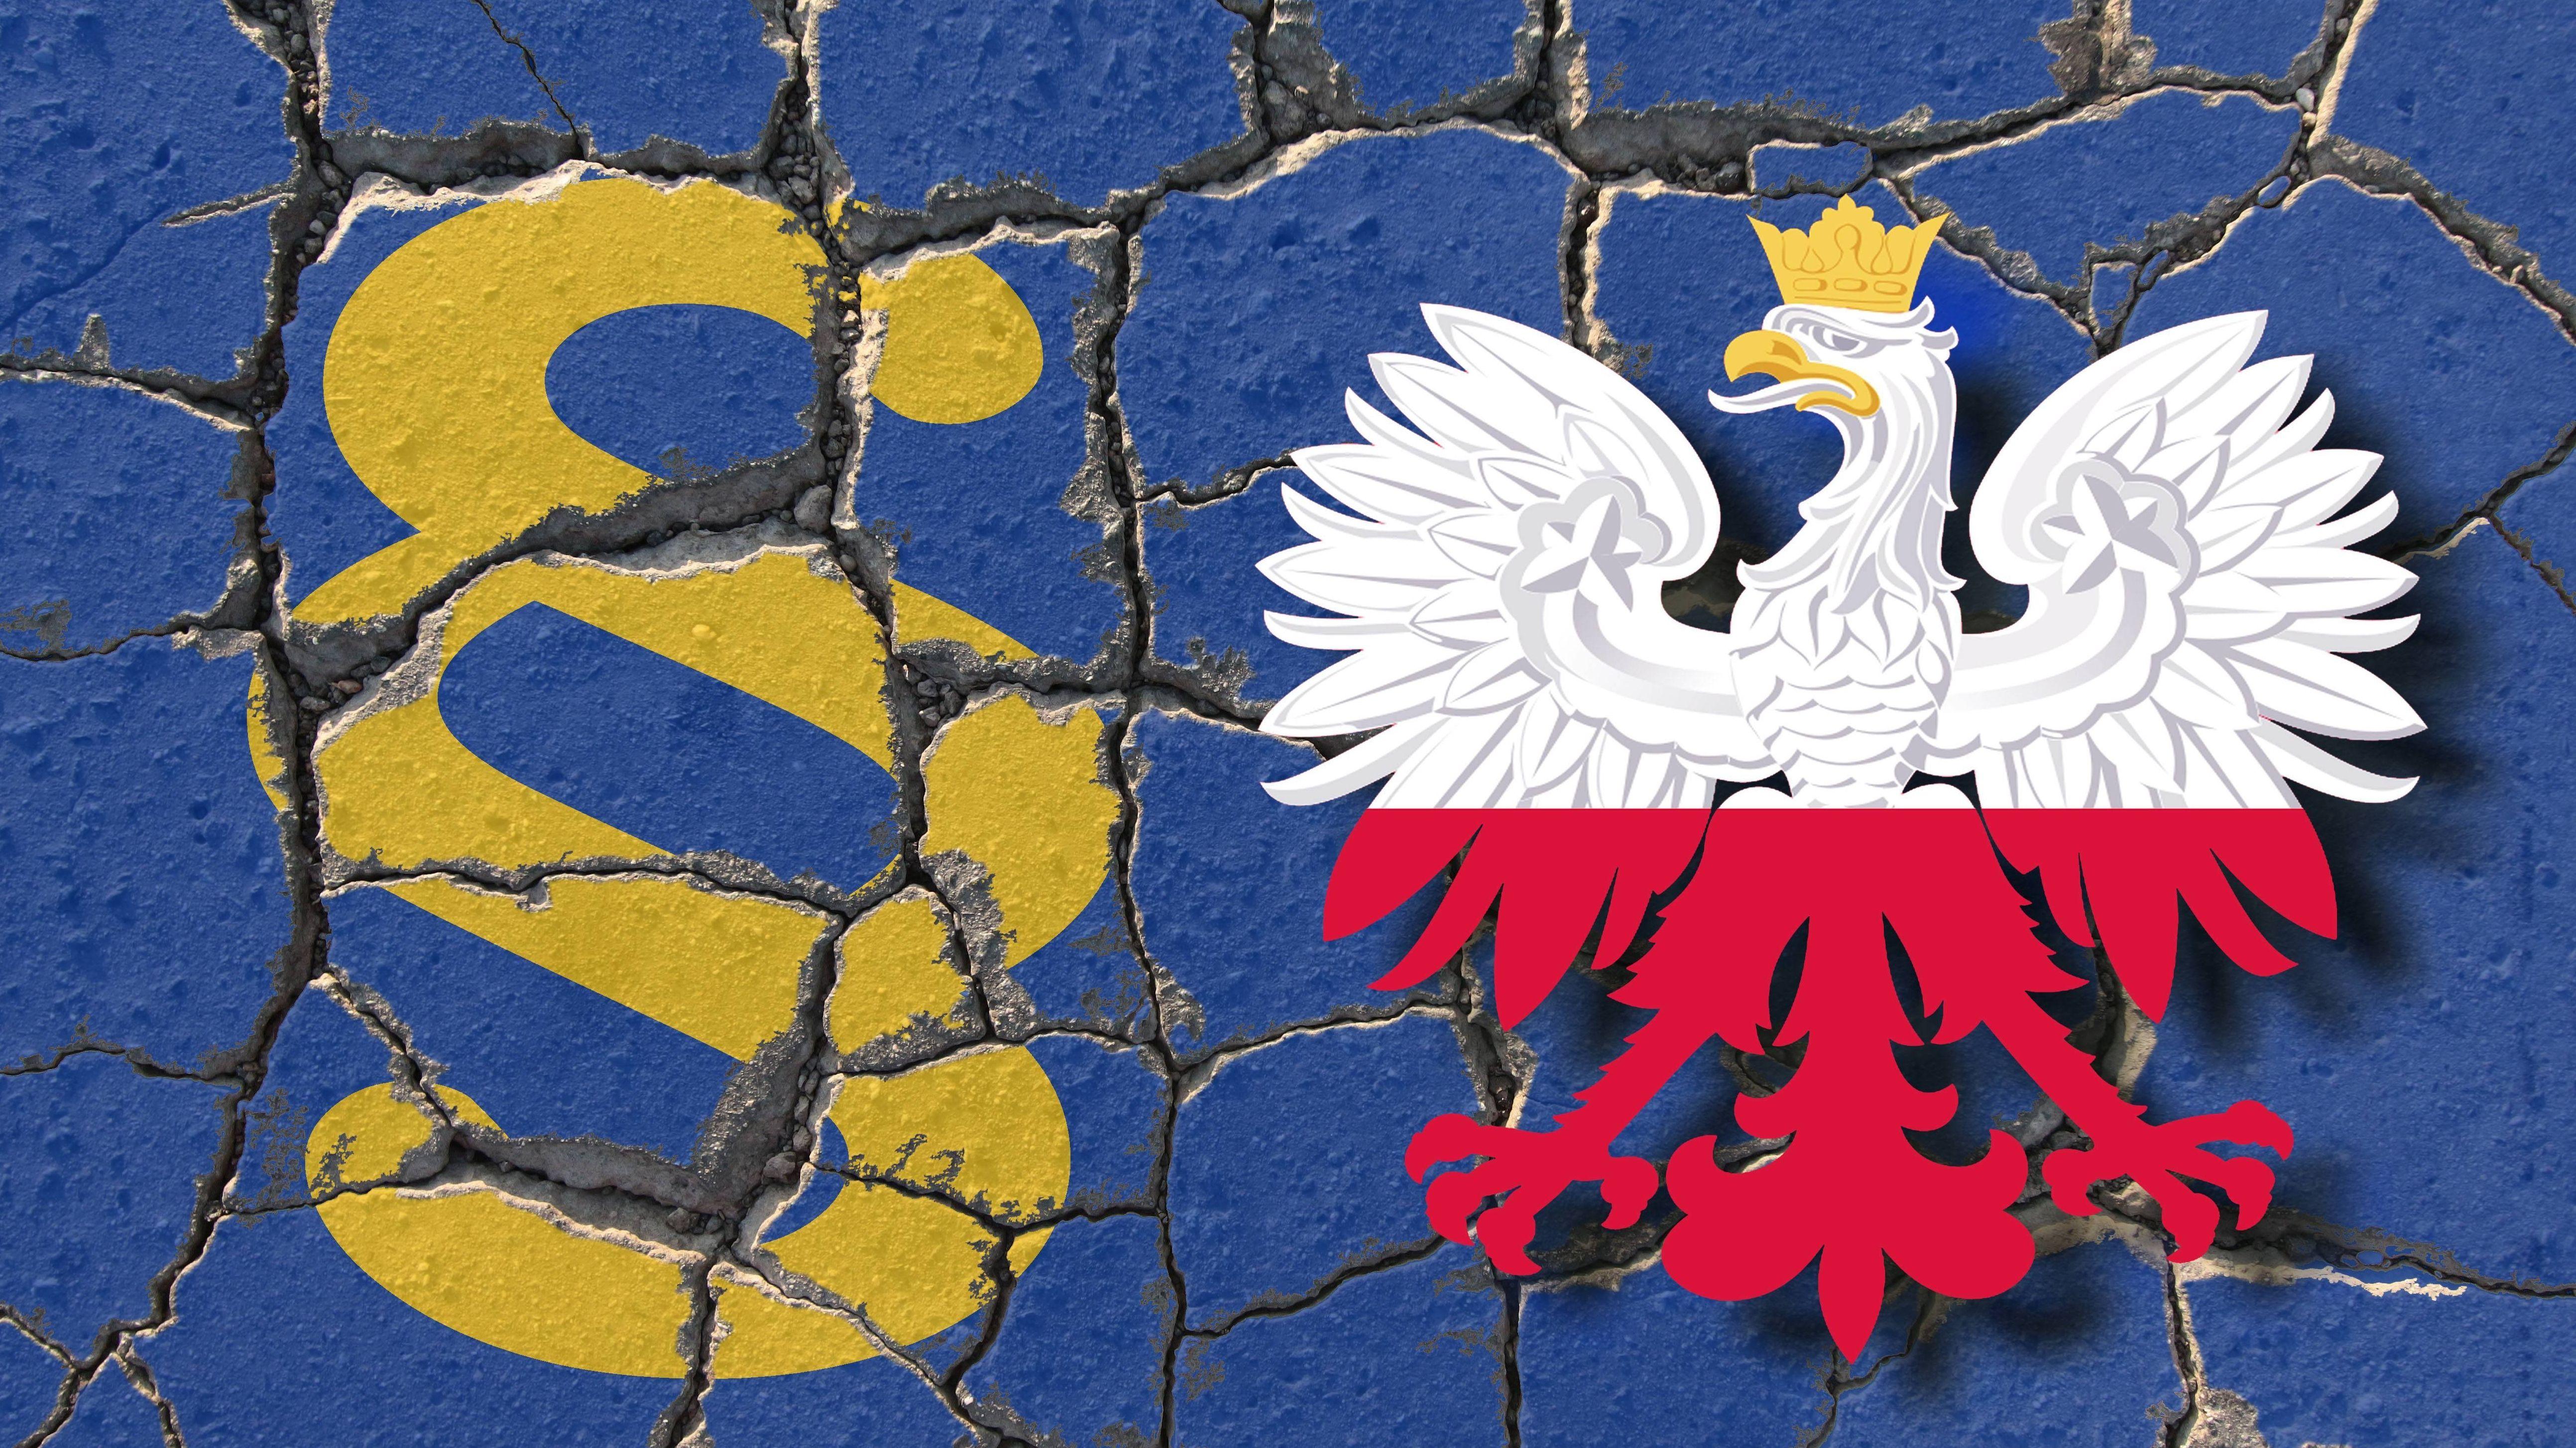 Symbolbild zum Rechtsruck in Polen